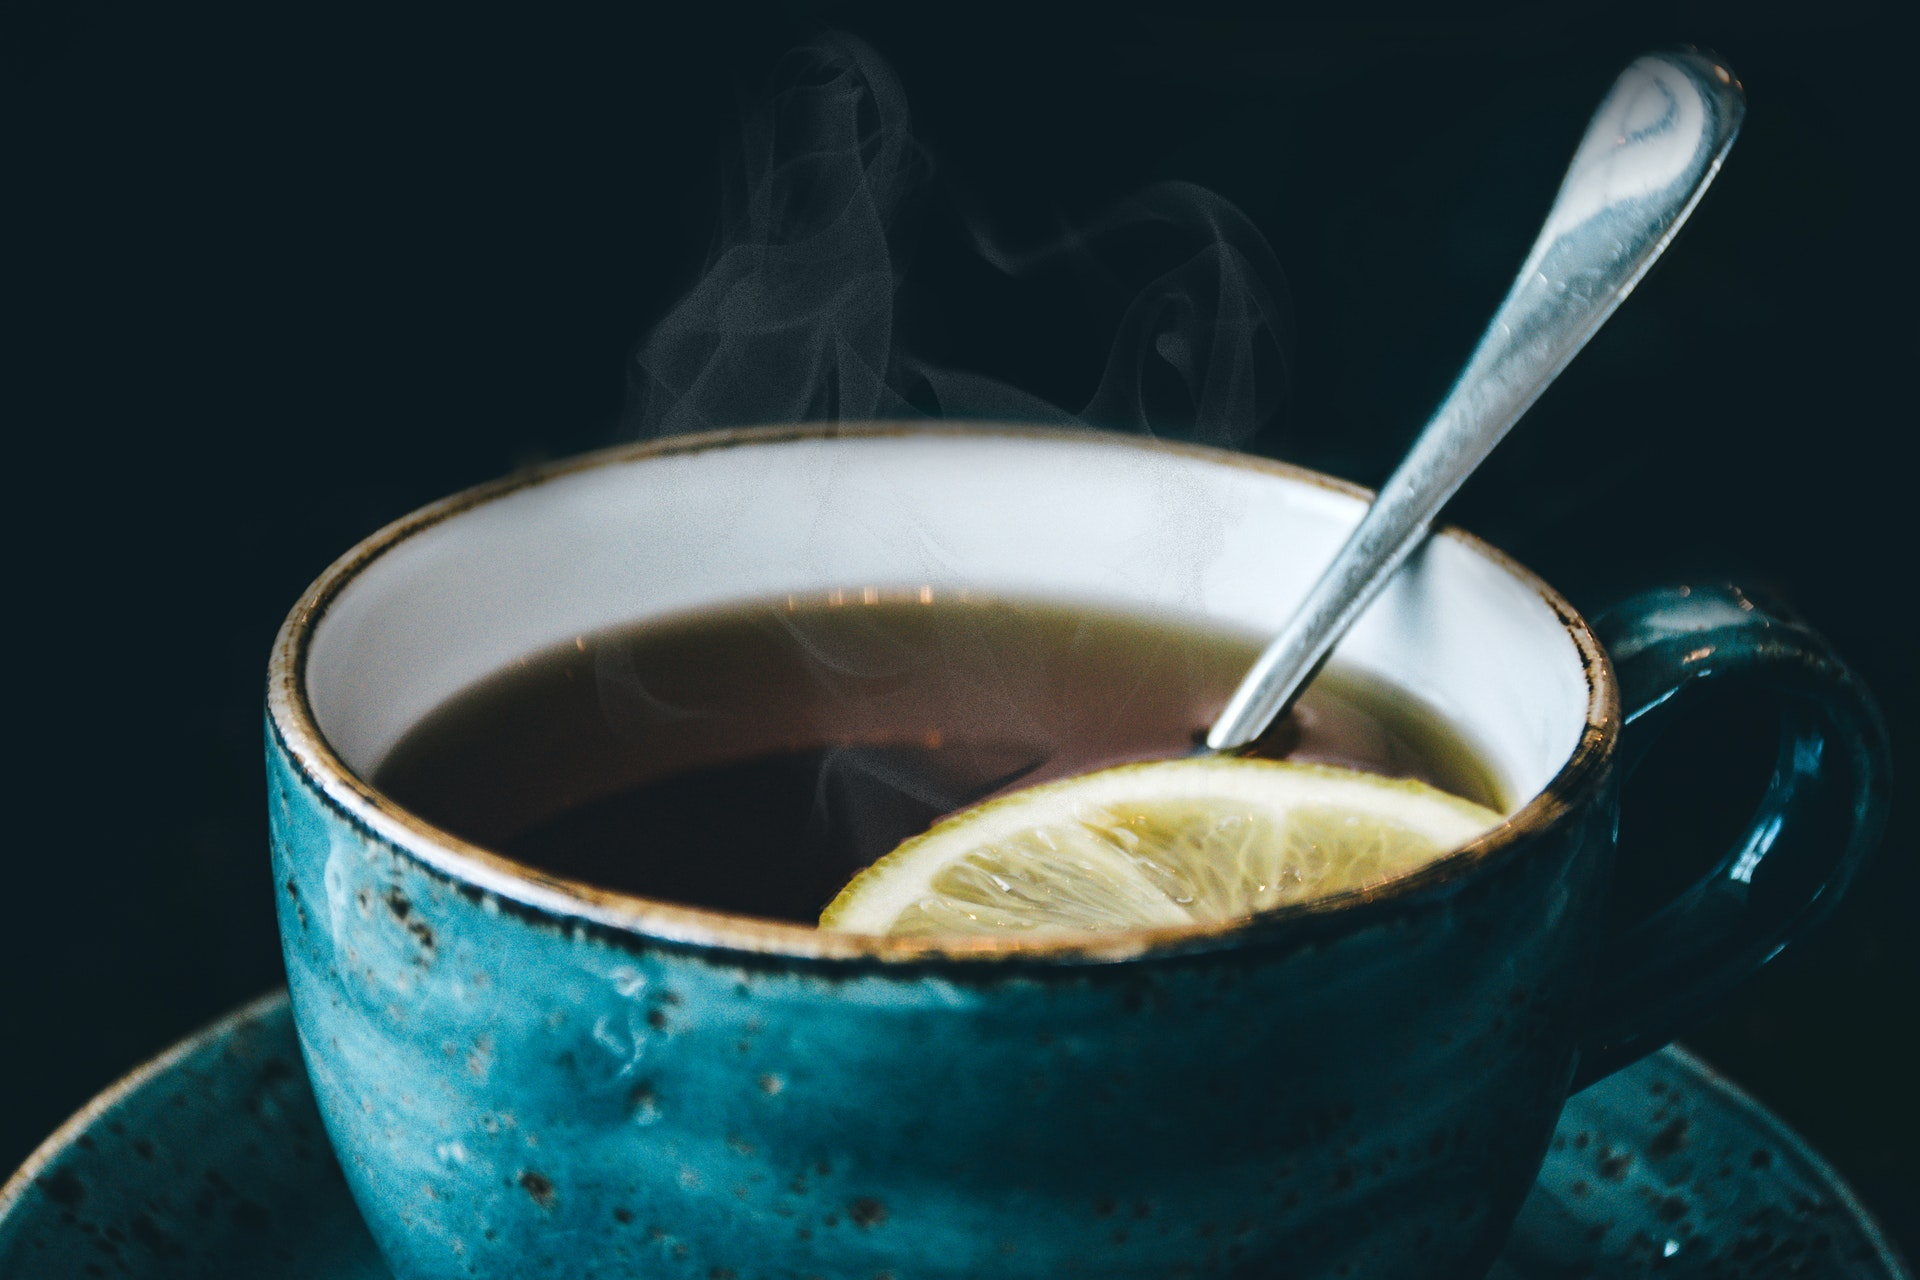 Vemos uma xícara de chá com uma rodela de limão dentro (imagem ilustrativa). Texto: melhores franquias de sucesso.